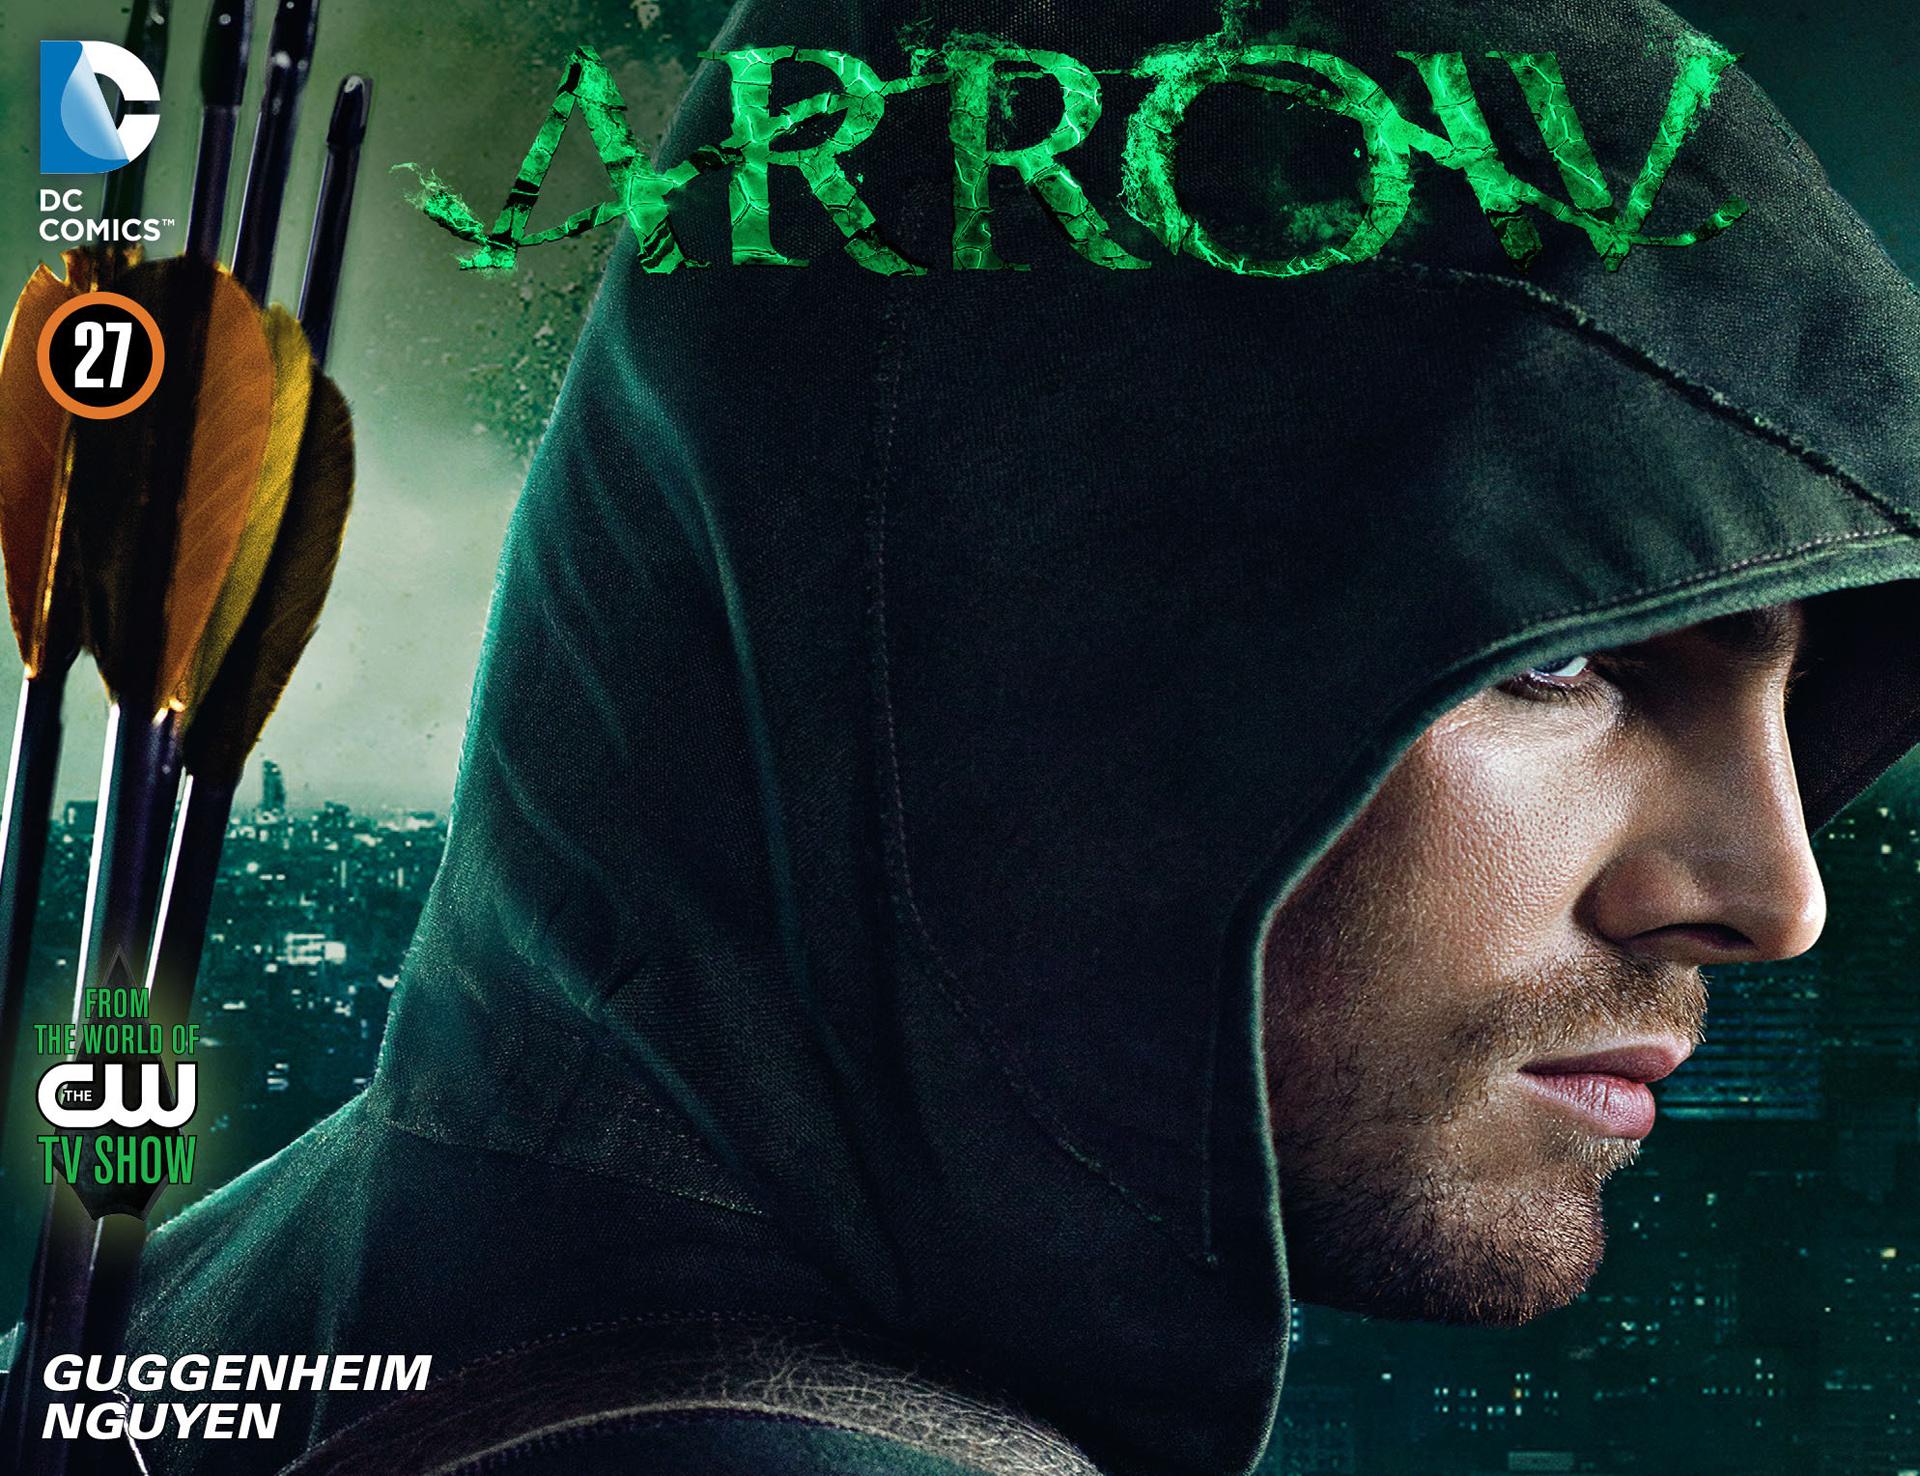 Read online Arrow [II] comic -  Issue #27 - 1